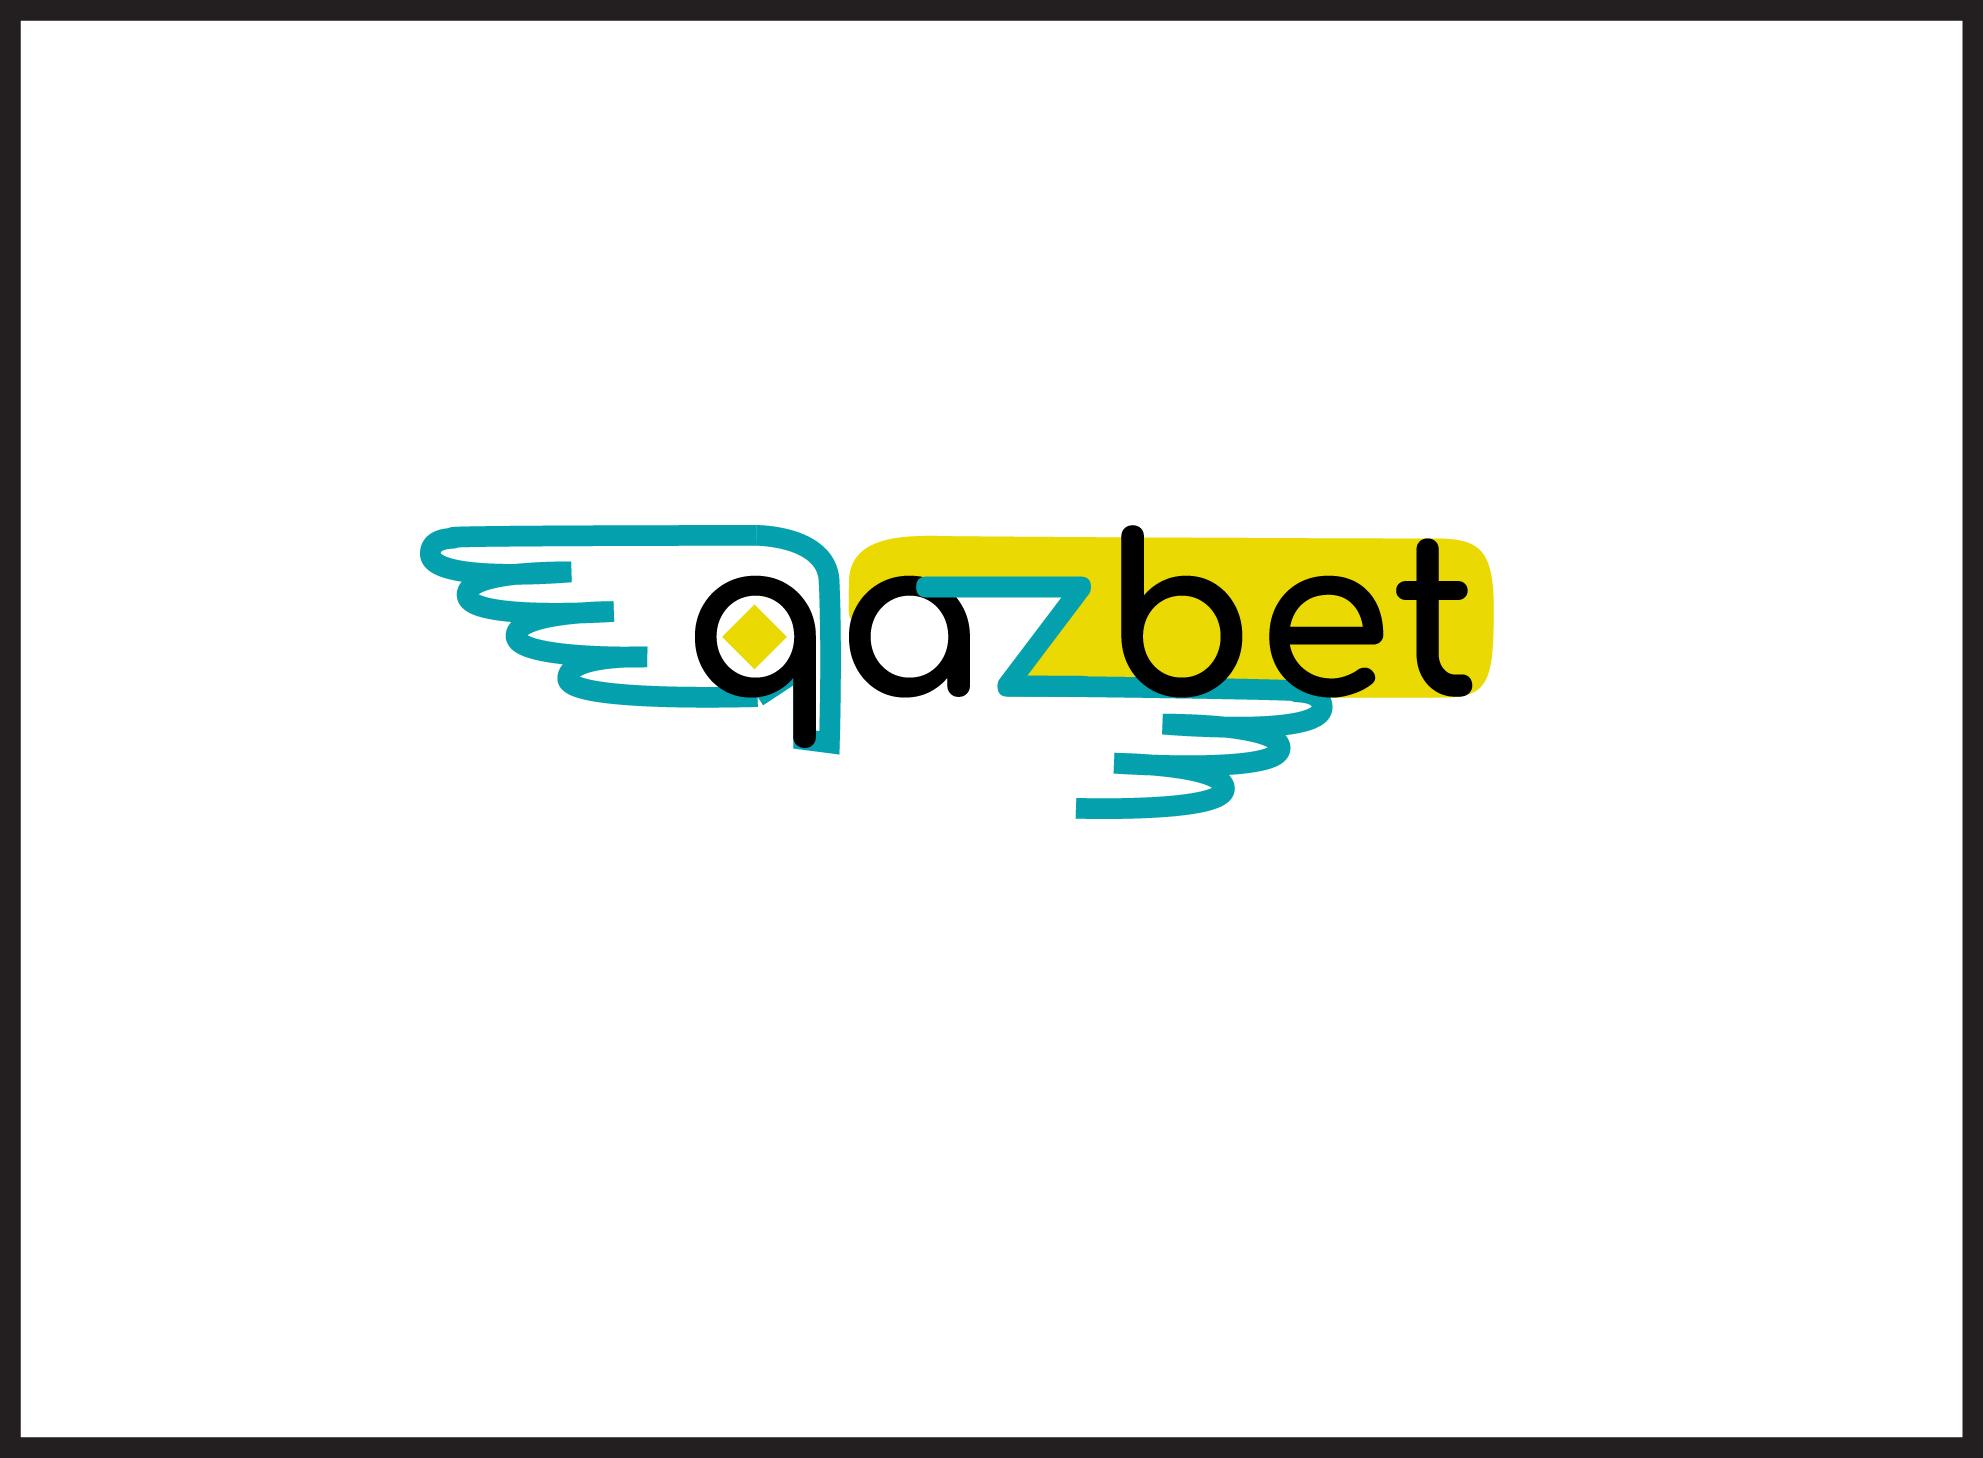 Разработать современный логотип фото f_7225df167f0b9cf0.jpg